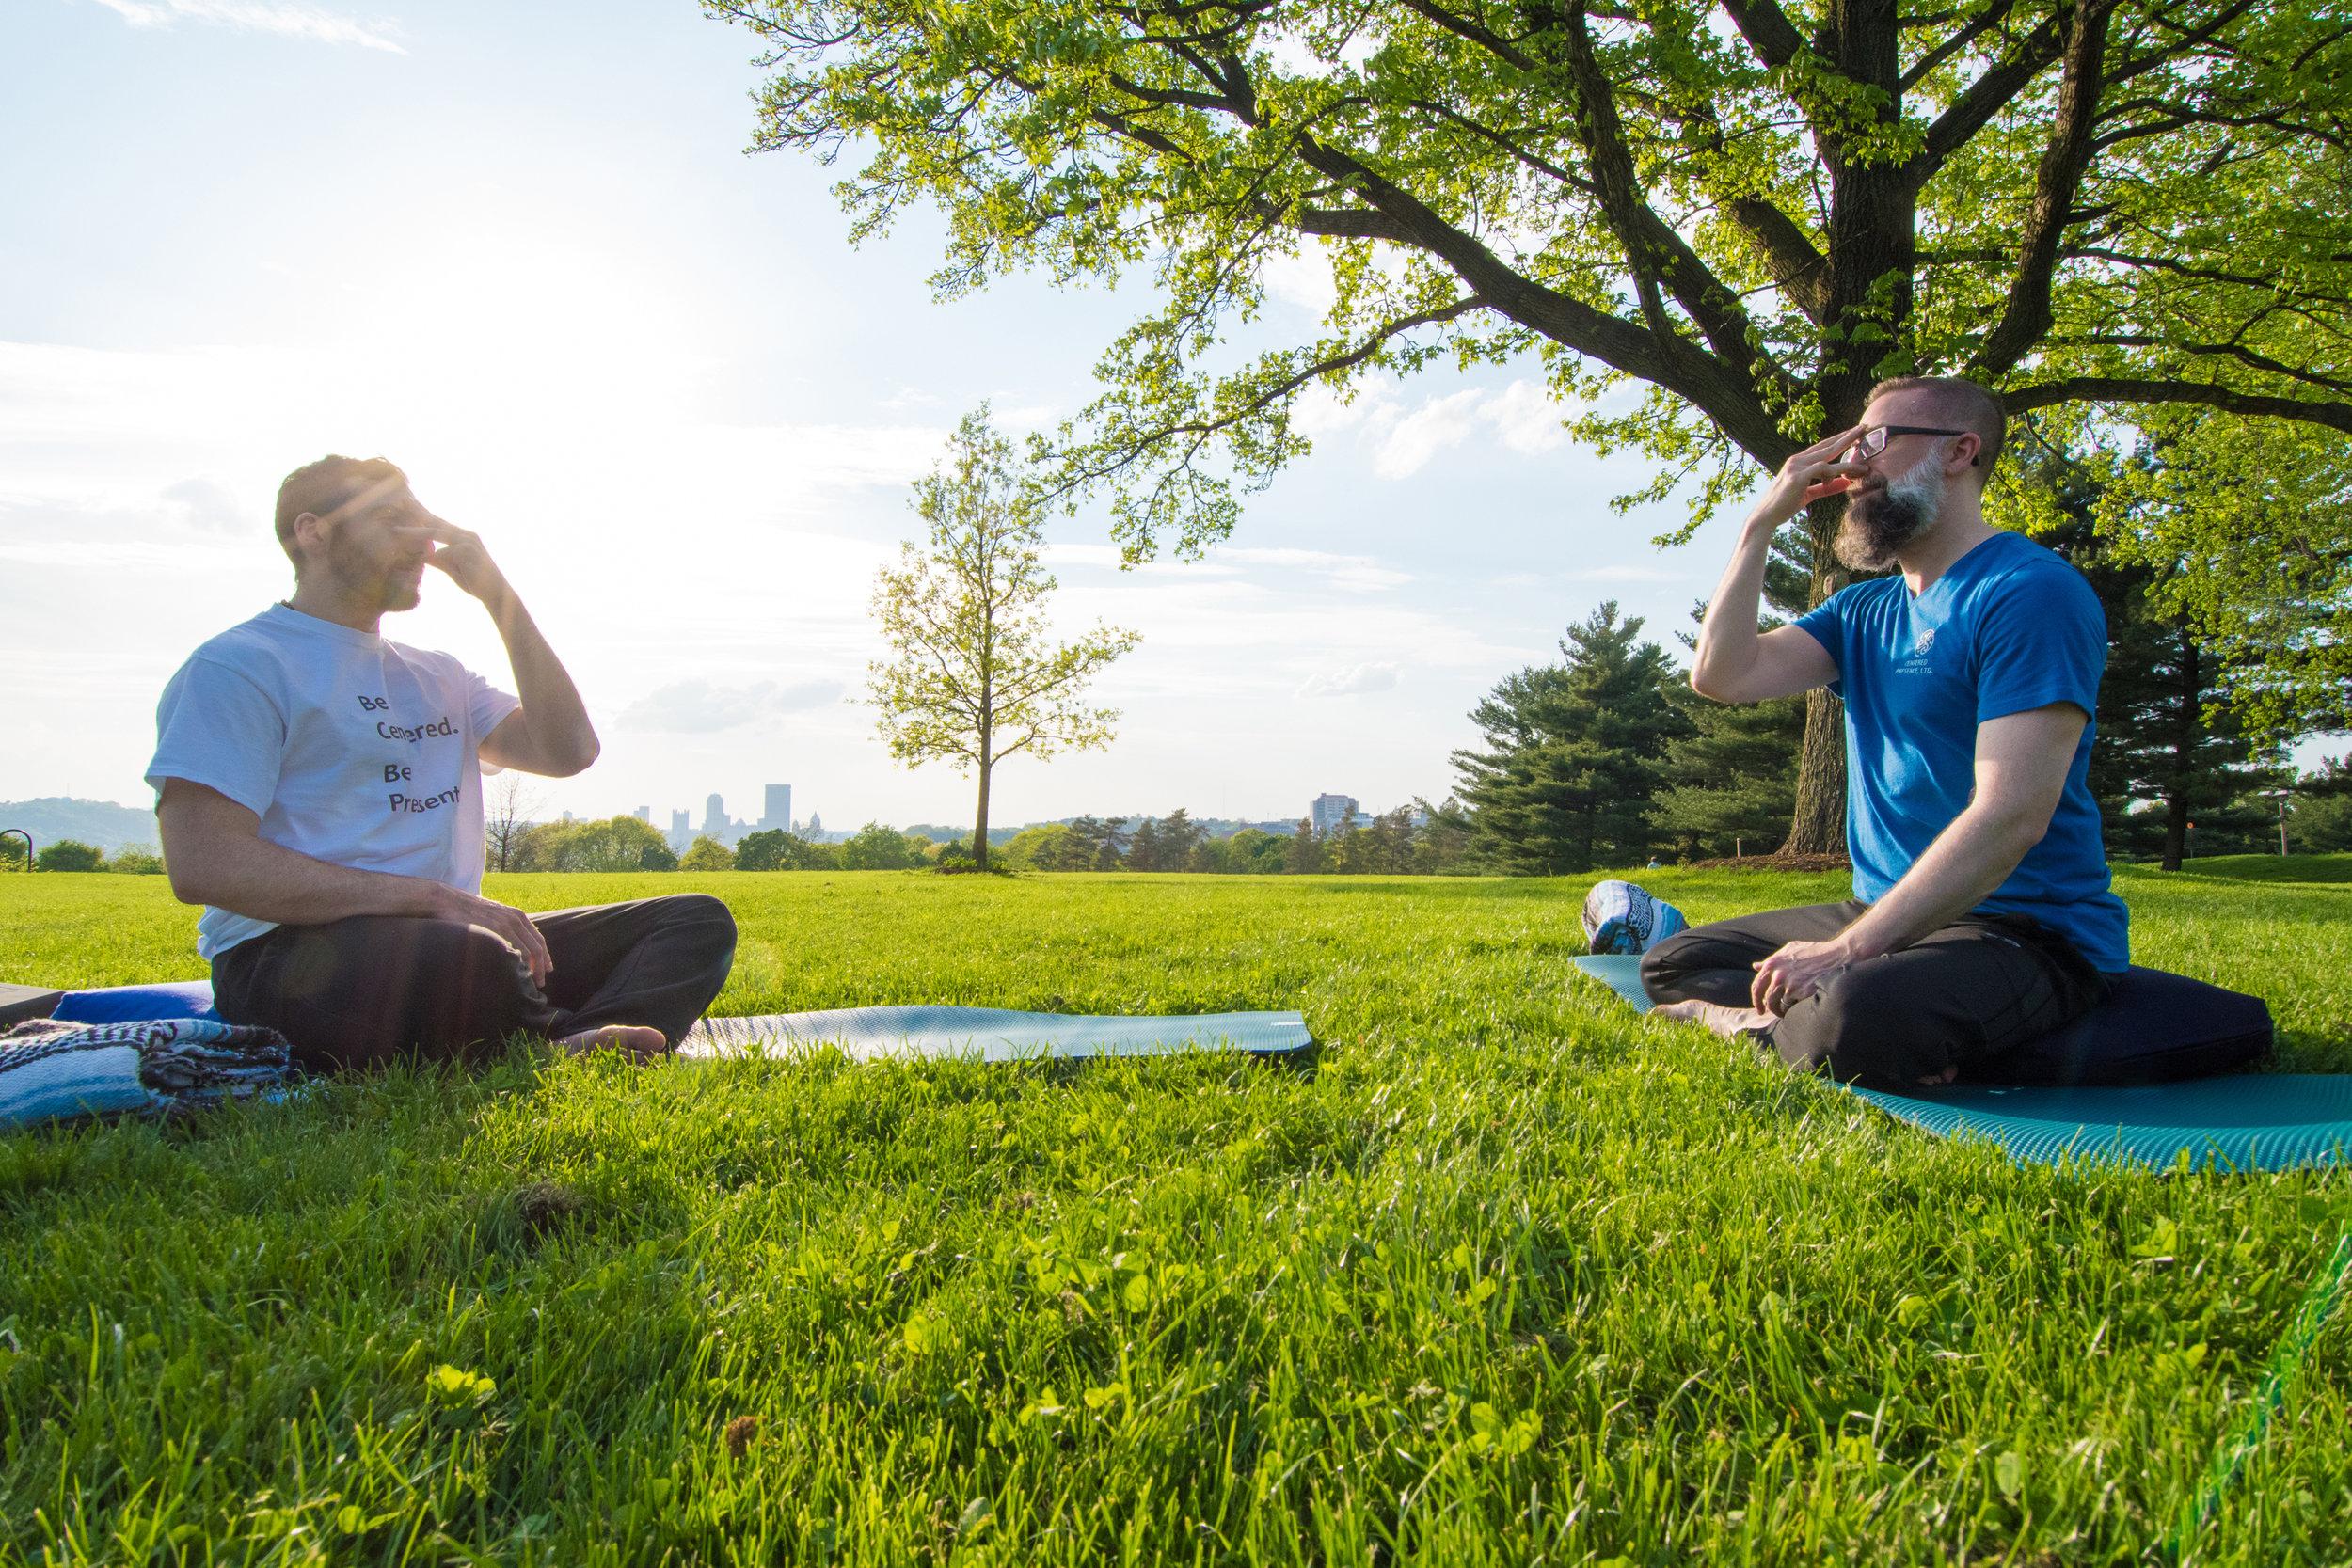 centered-presence-yoga-4.jpg